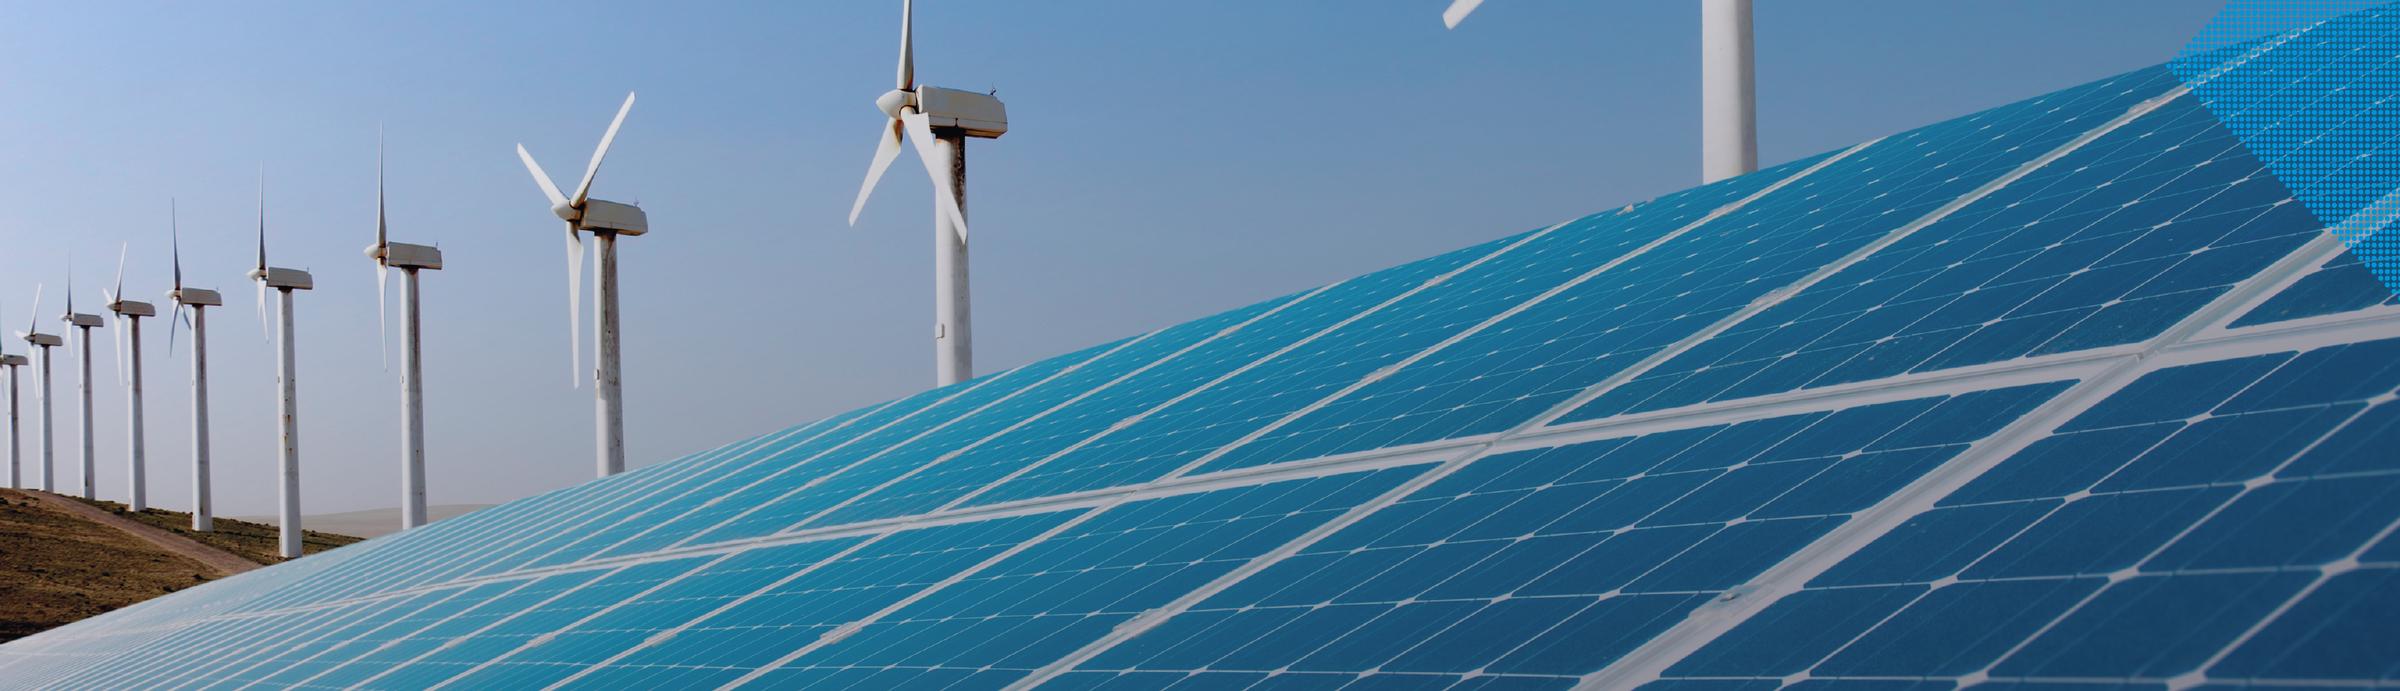 Accueil - Énergies renouvelables